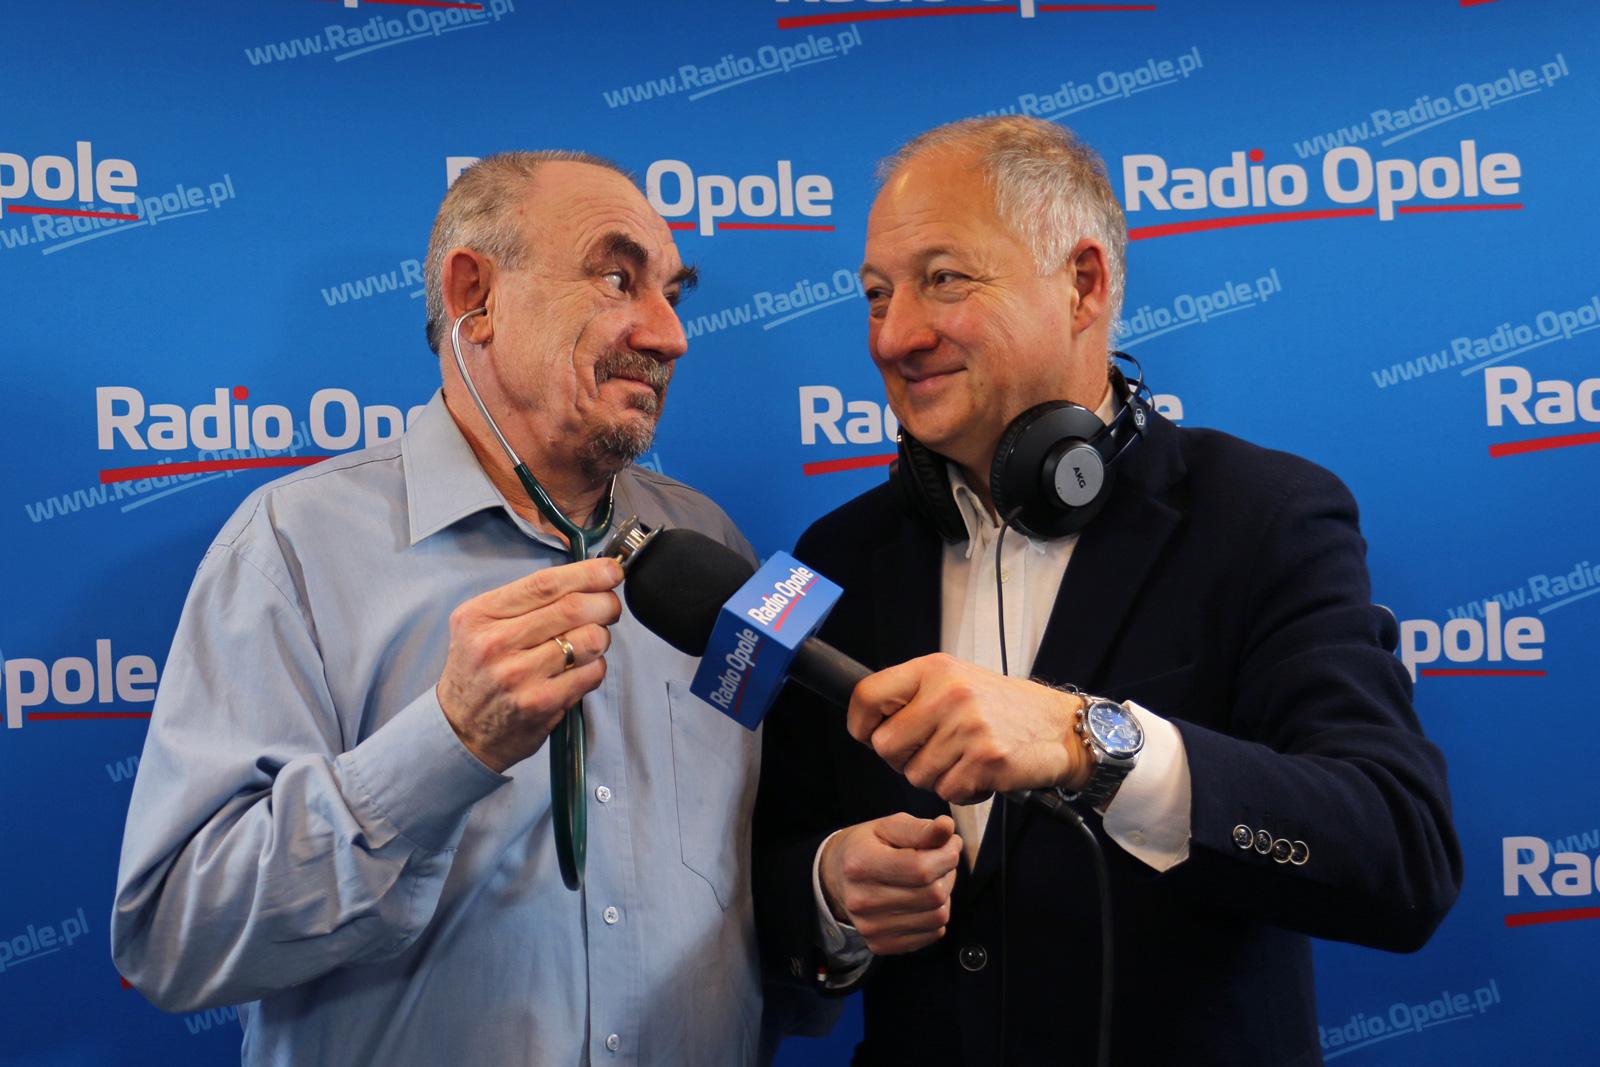 Dr Janusz Stasiak i red. Krzysztof Dobrowolski [fot. Justyna Krzyżanowska]